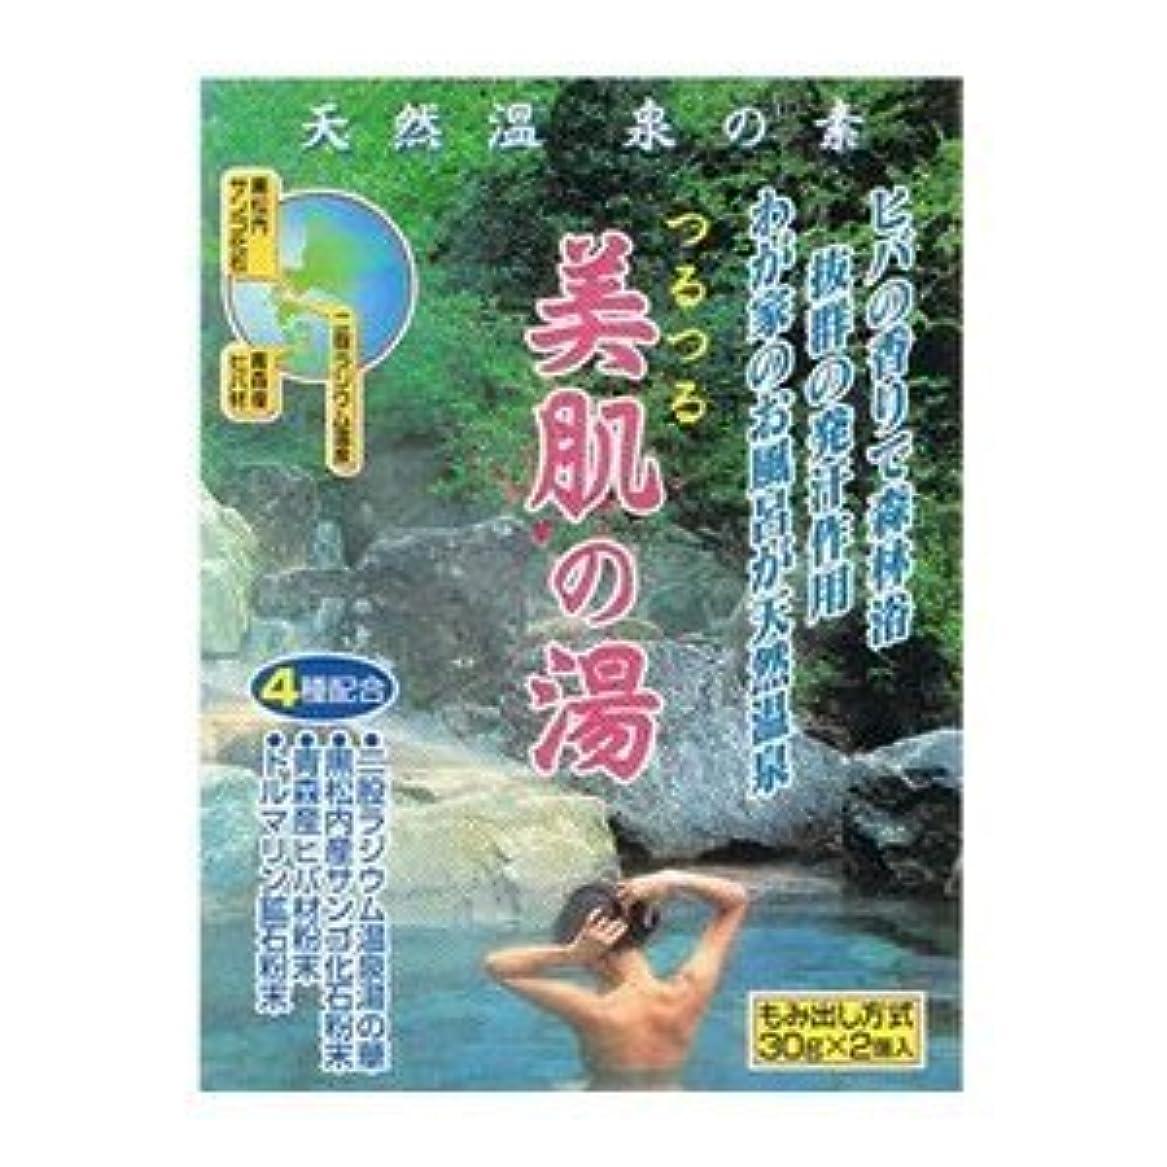 作り上げる鳩制裁天然温泉の素 美肌の湯 (30g×2個入)×12袋セット